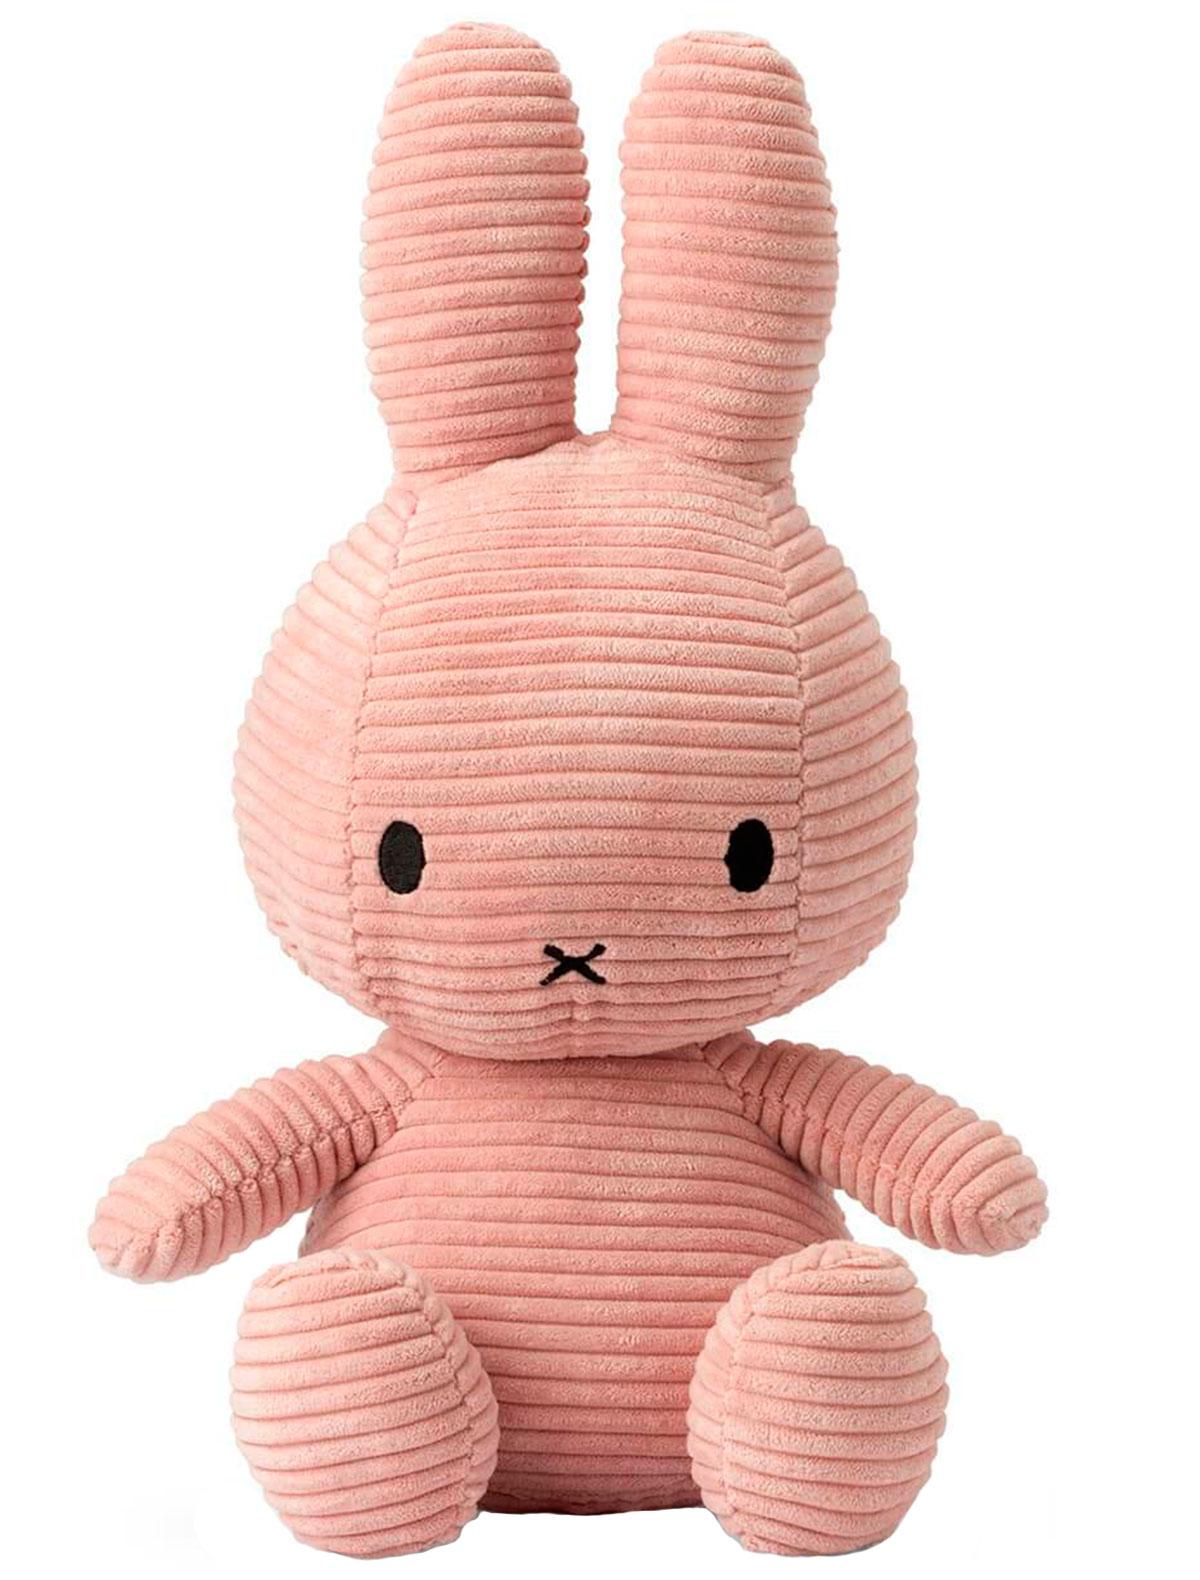 Купить 2148706, Игрушка мягкая Bon Ton Toys, розовый, 7122629980327